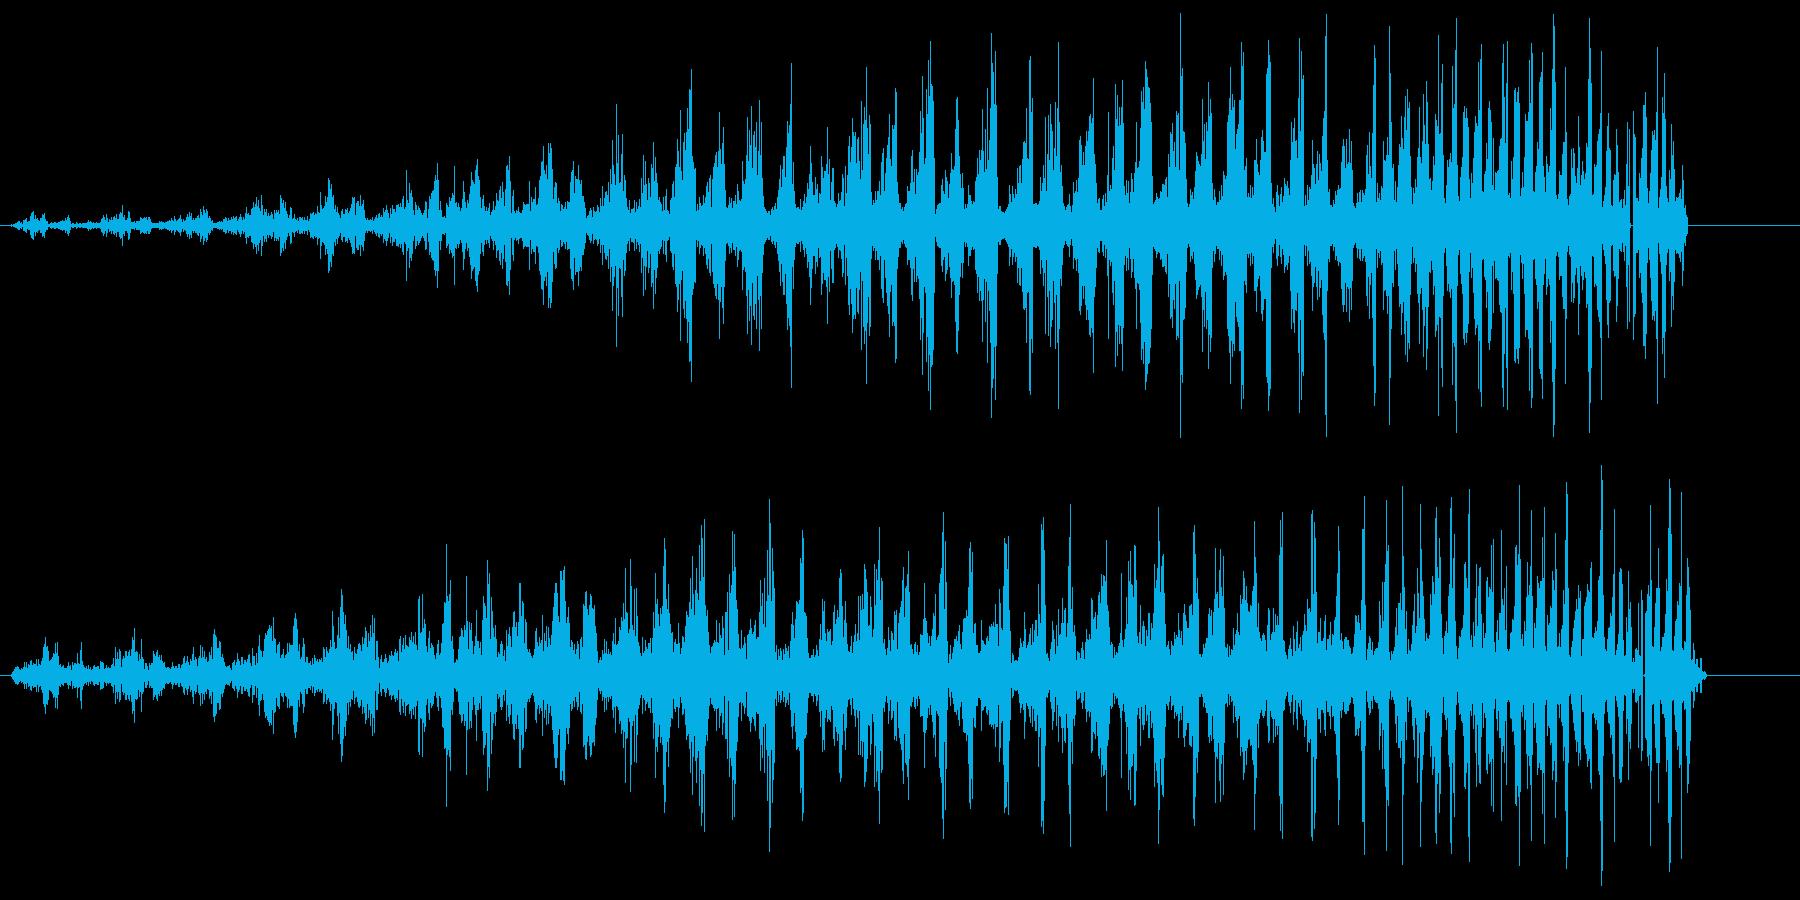 シャララ系アップ(速くなる)の再生済みの波形